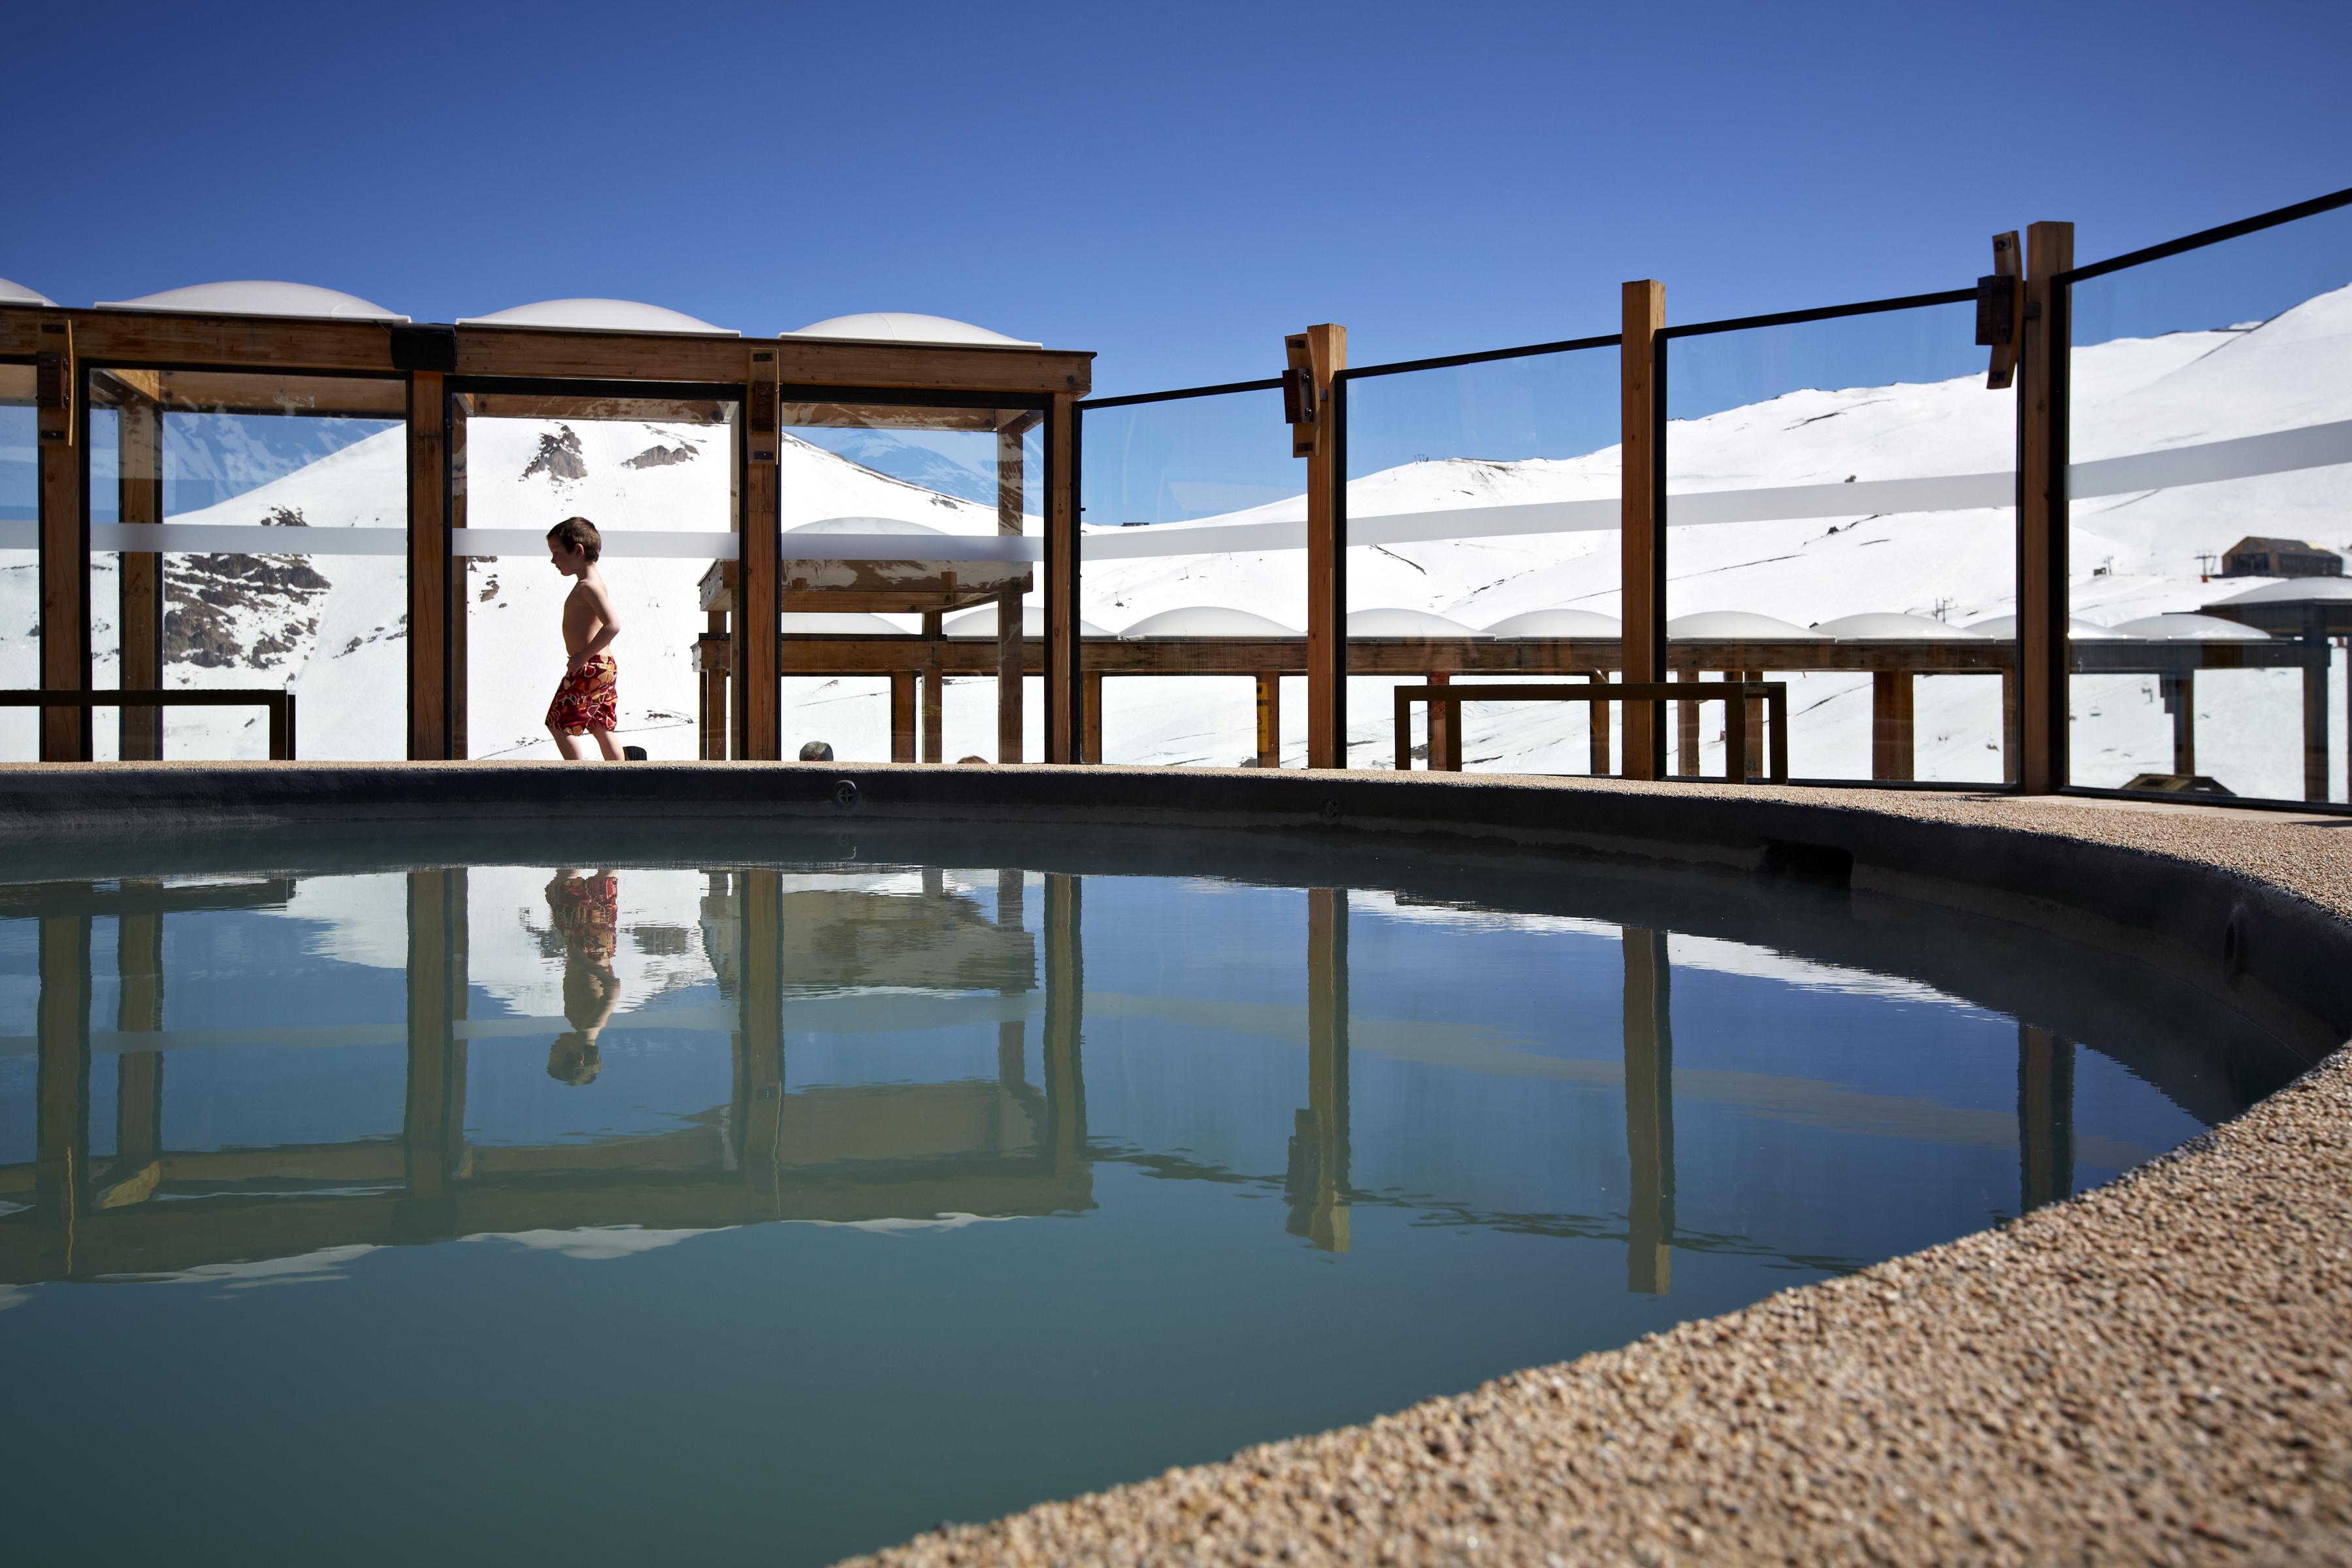 Hotel puerta del sol em centro de esqui valle nevado for Hotel barato puerta del sol